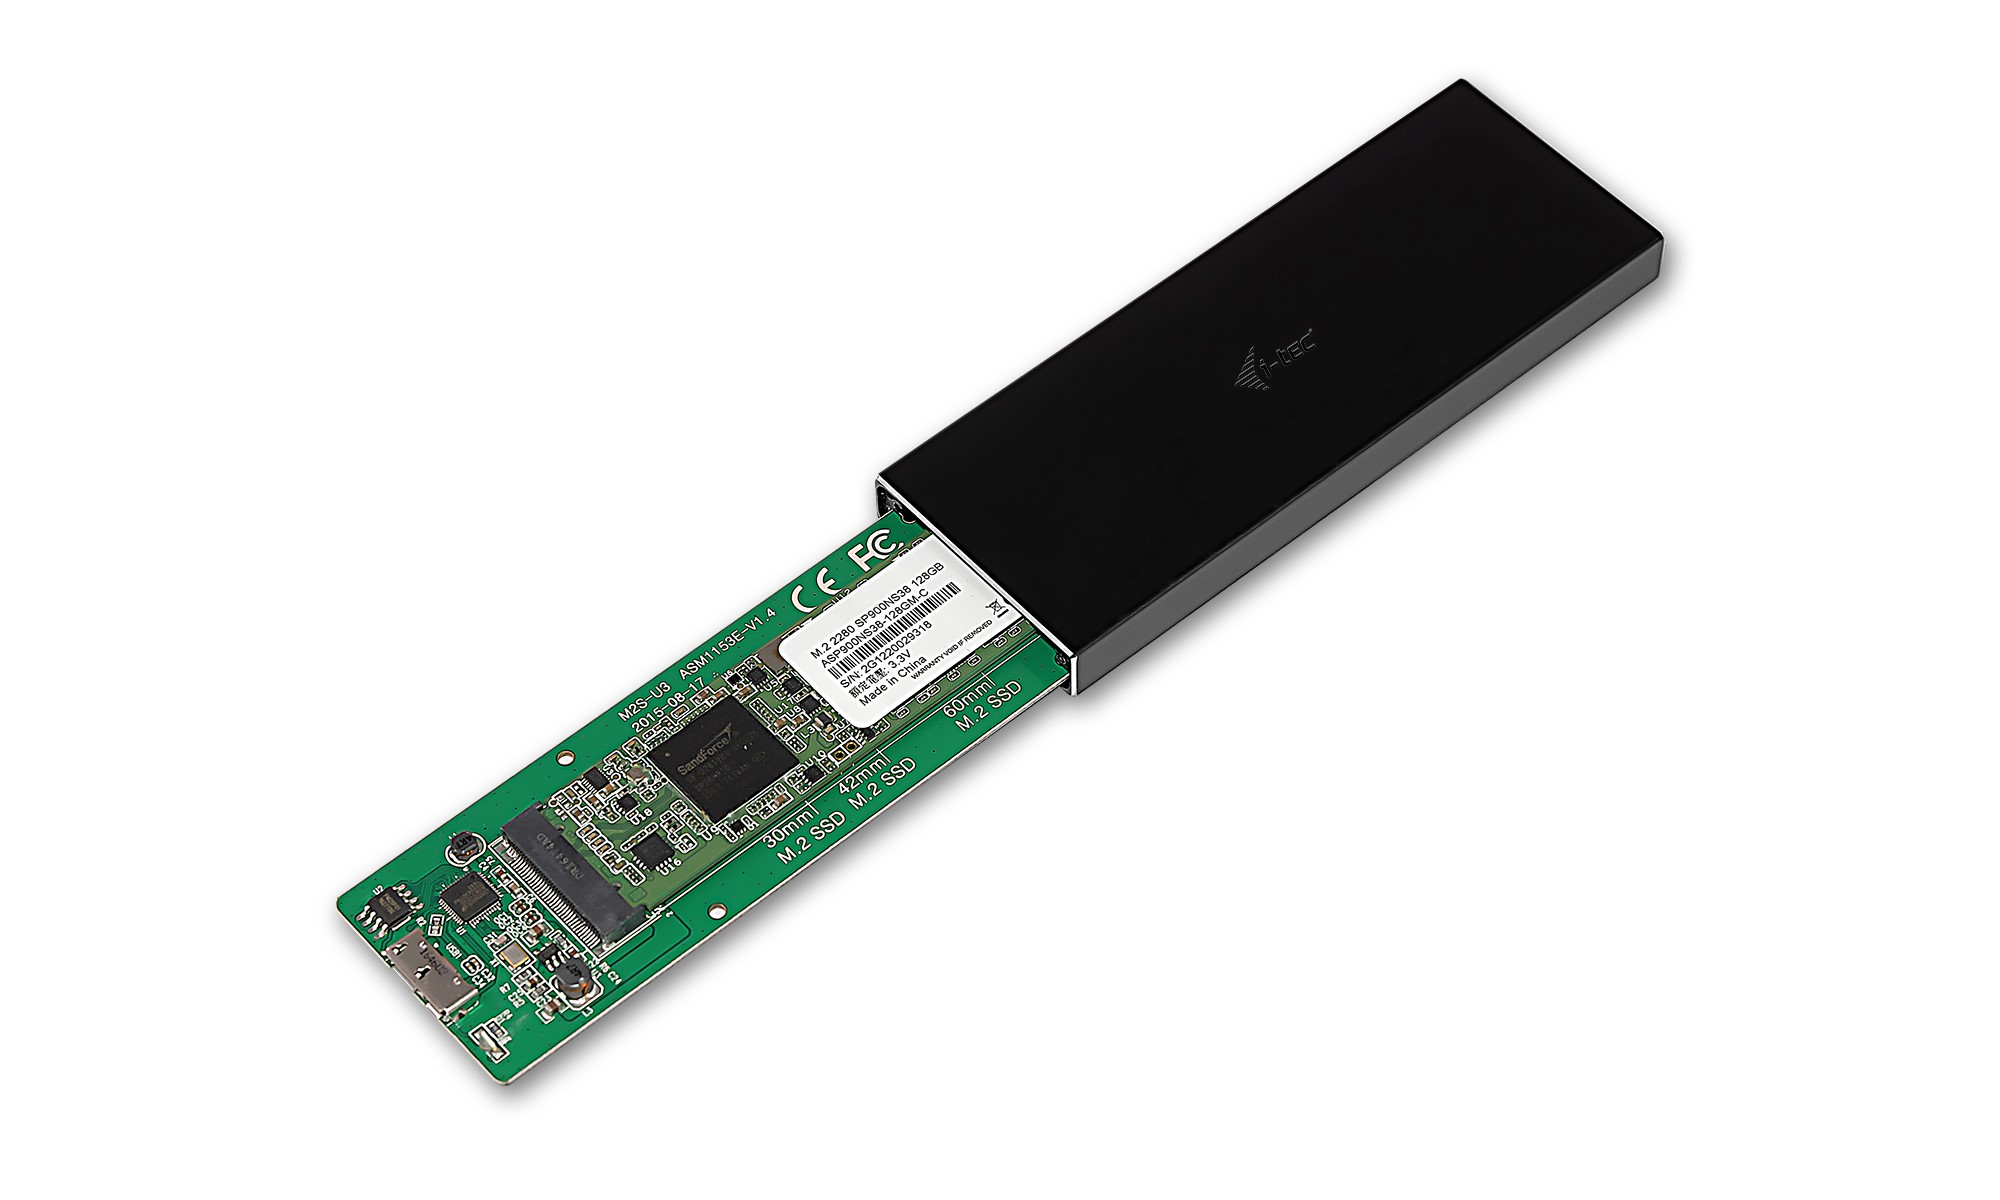 Rack extern M.2 SATA B Key SSD, USB-A 2.0 & 3.0, carcasa aluminiu, i-tec MySafeM2